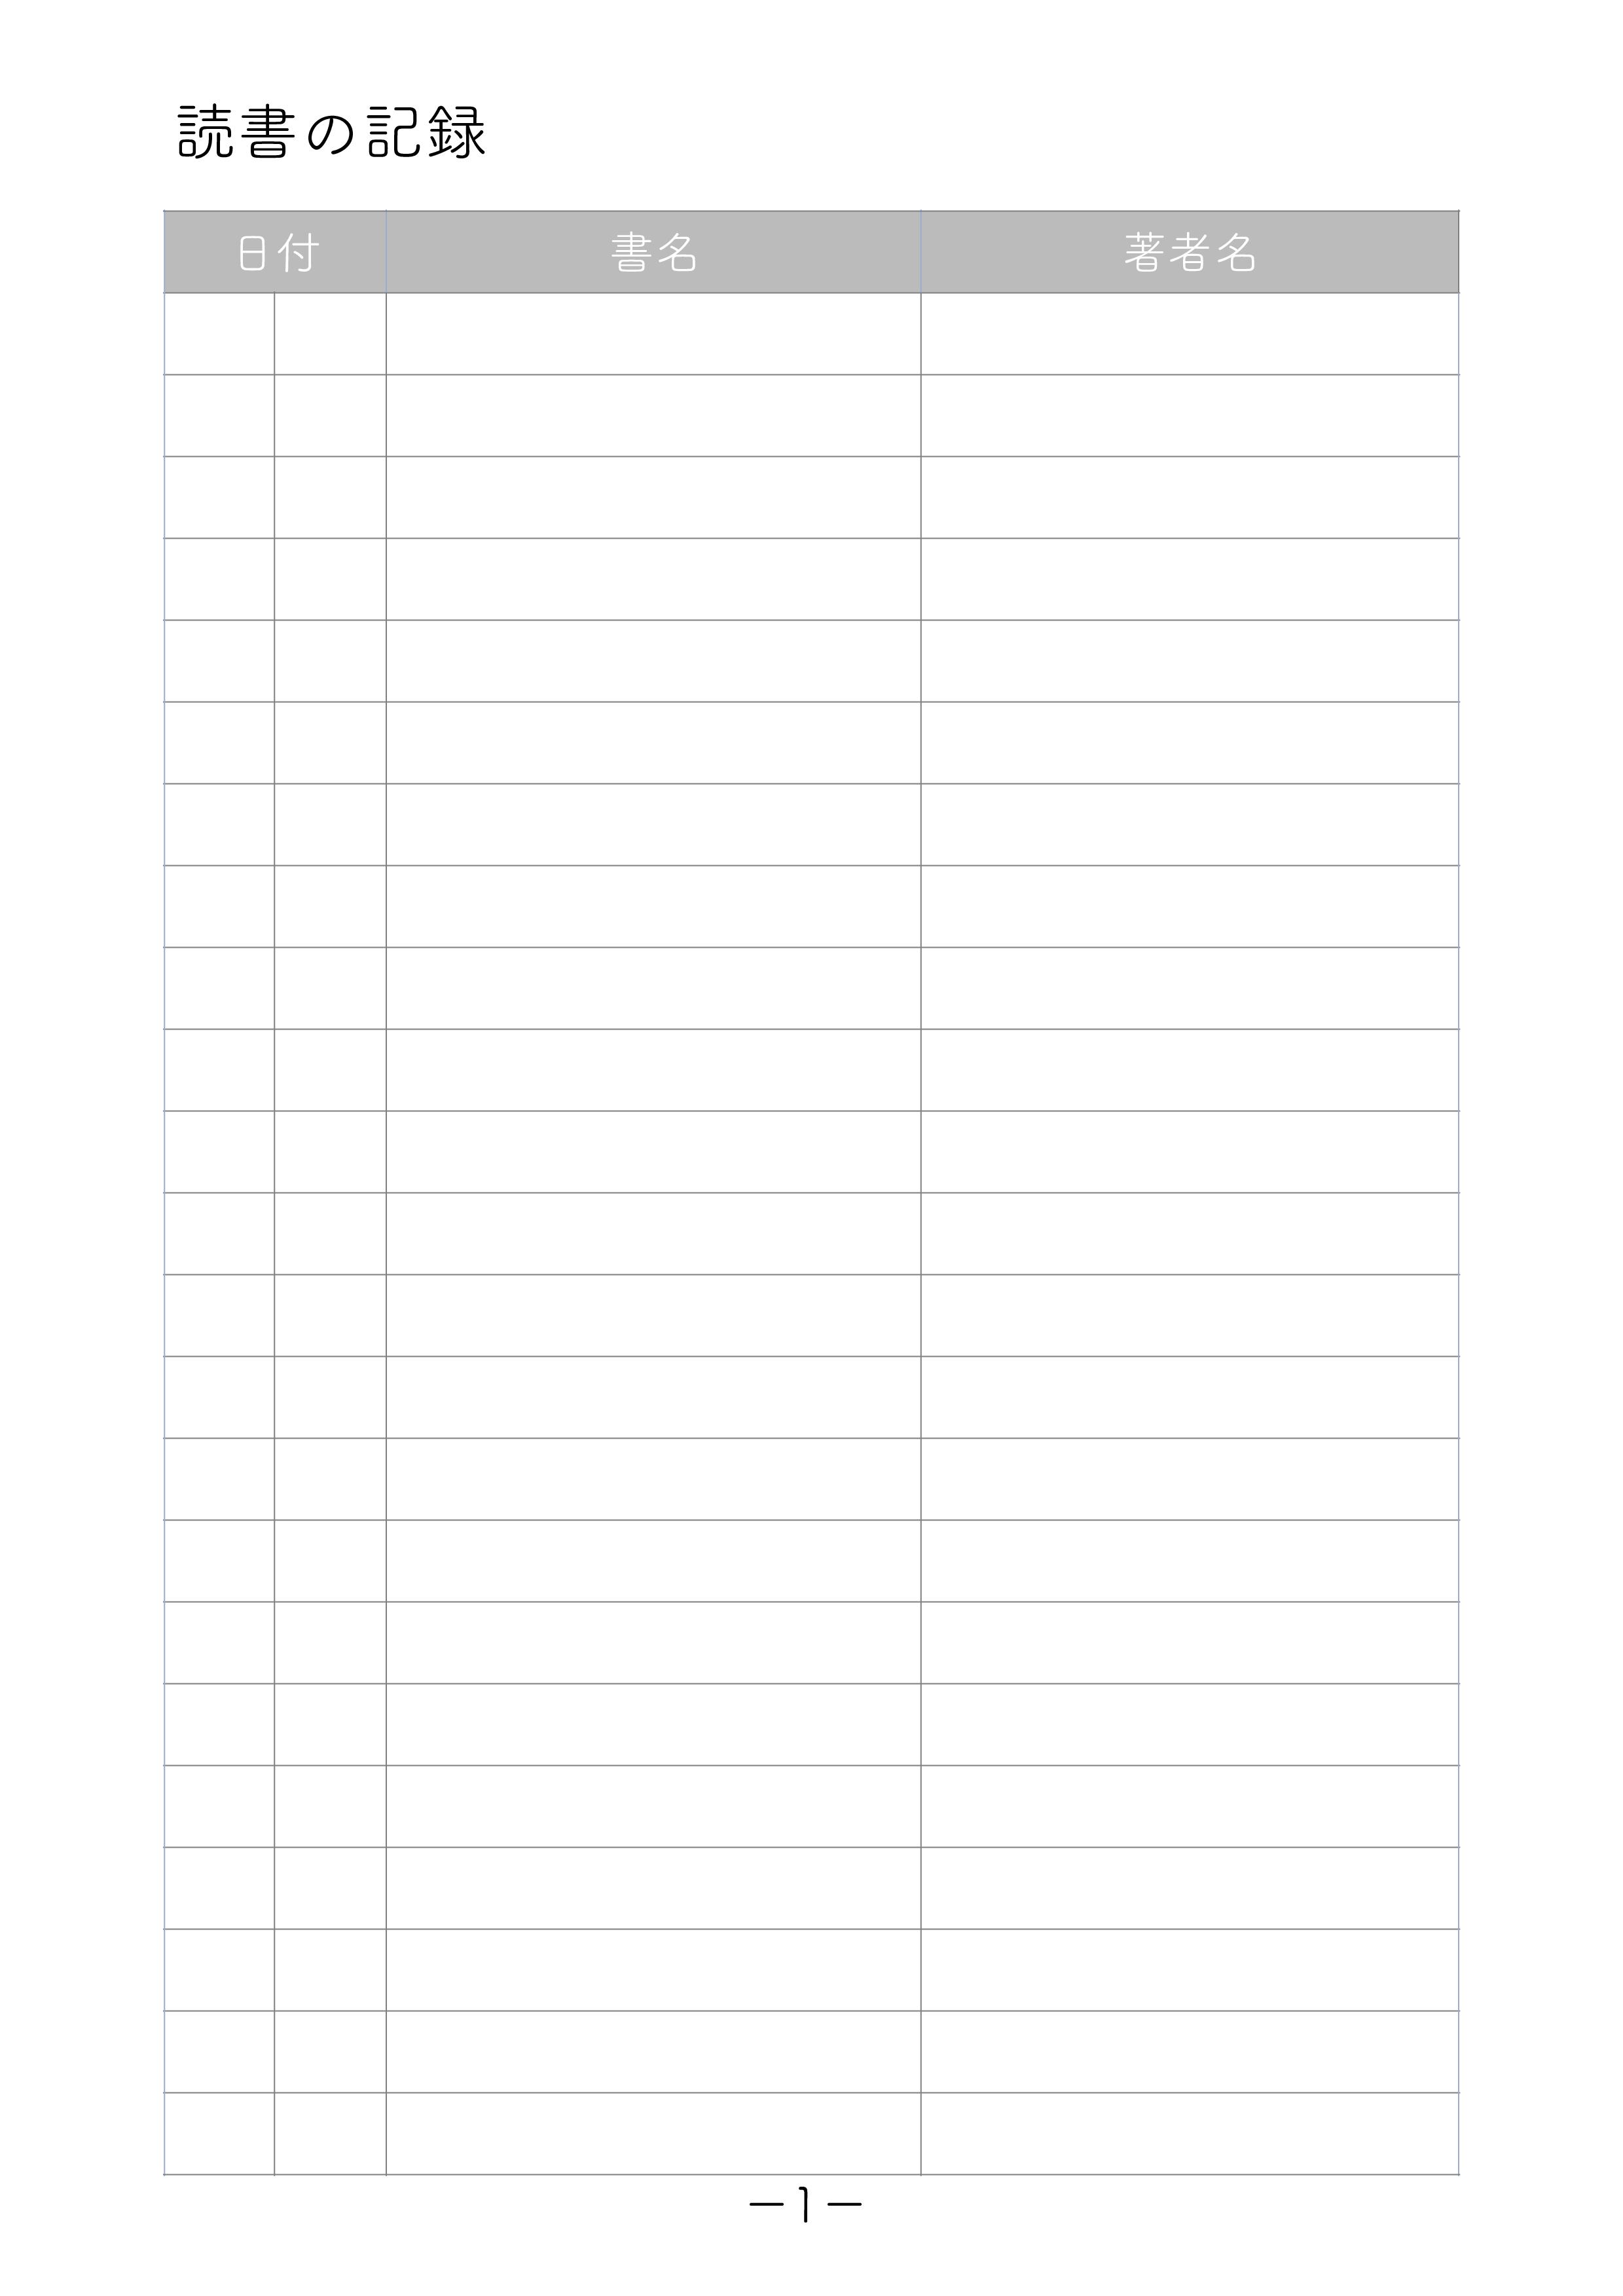 読書カードのひな形ランキング | 無料テンプレート(Mac・Windows)『ひな形ジャーナル』